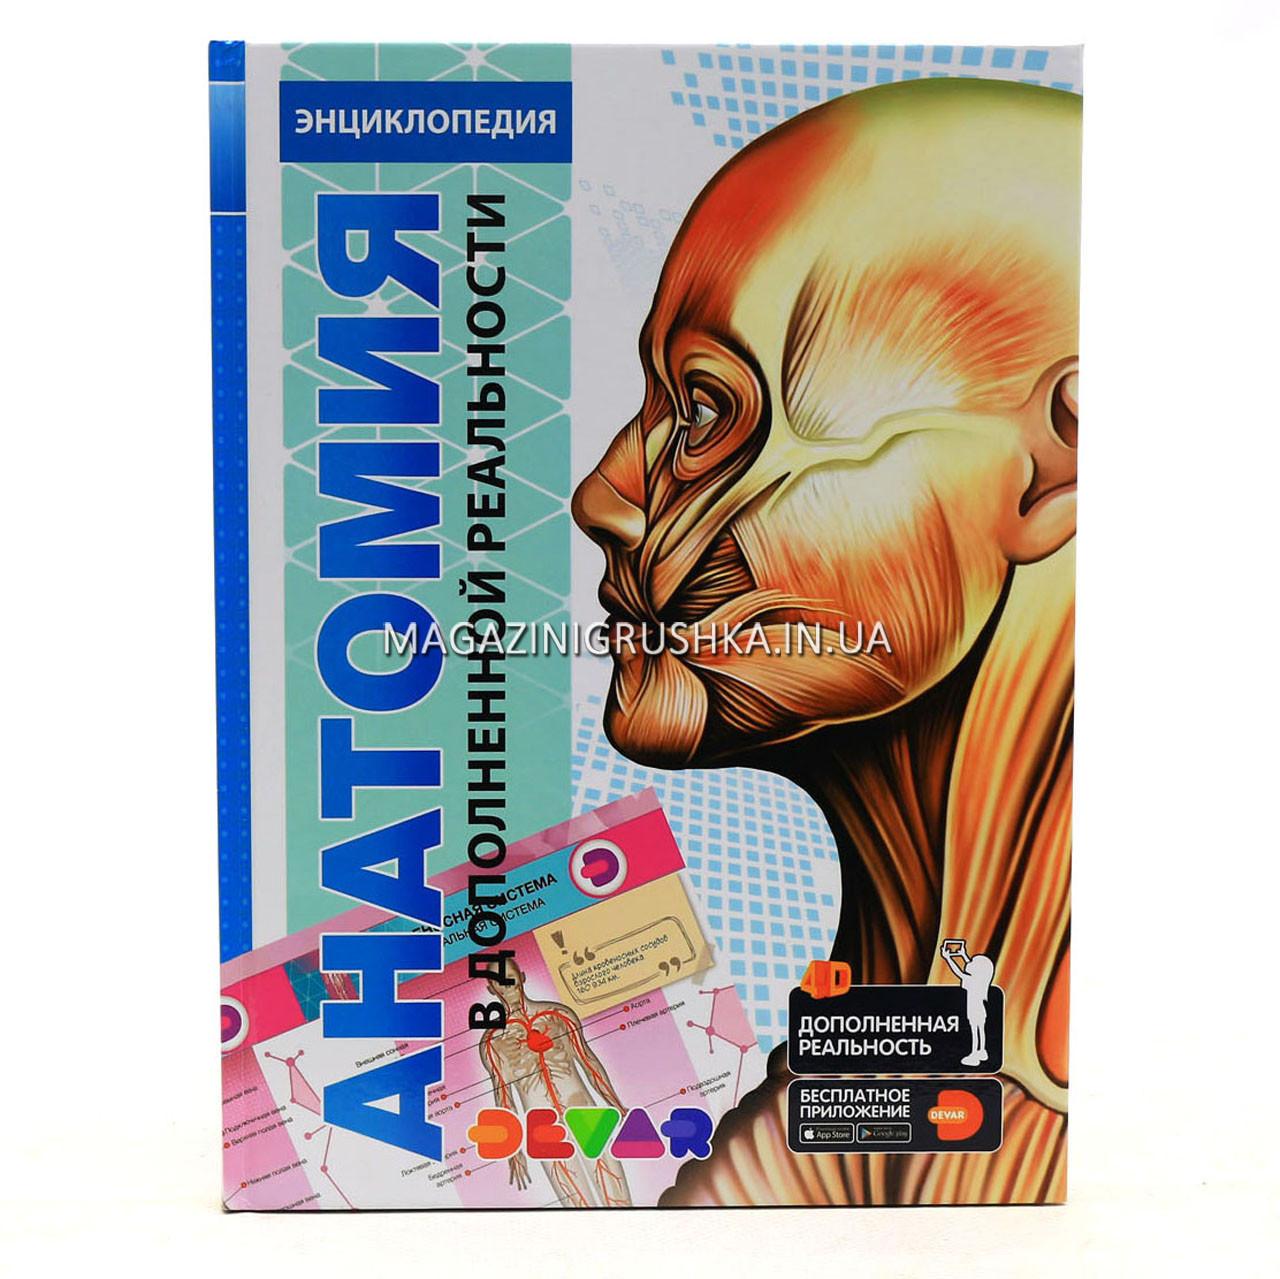 Книга для развития ребенка «Энциклопедия 4D Анатомия в дополненной реальности»